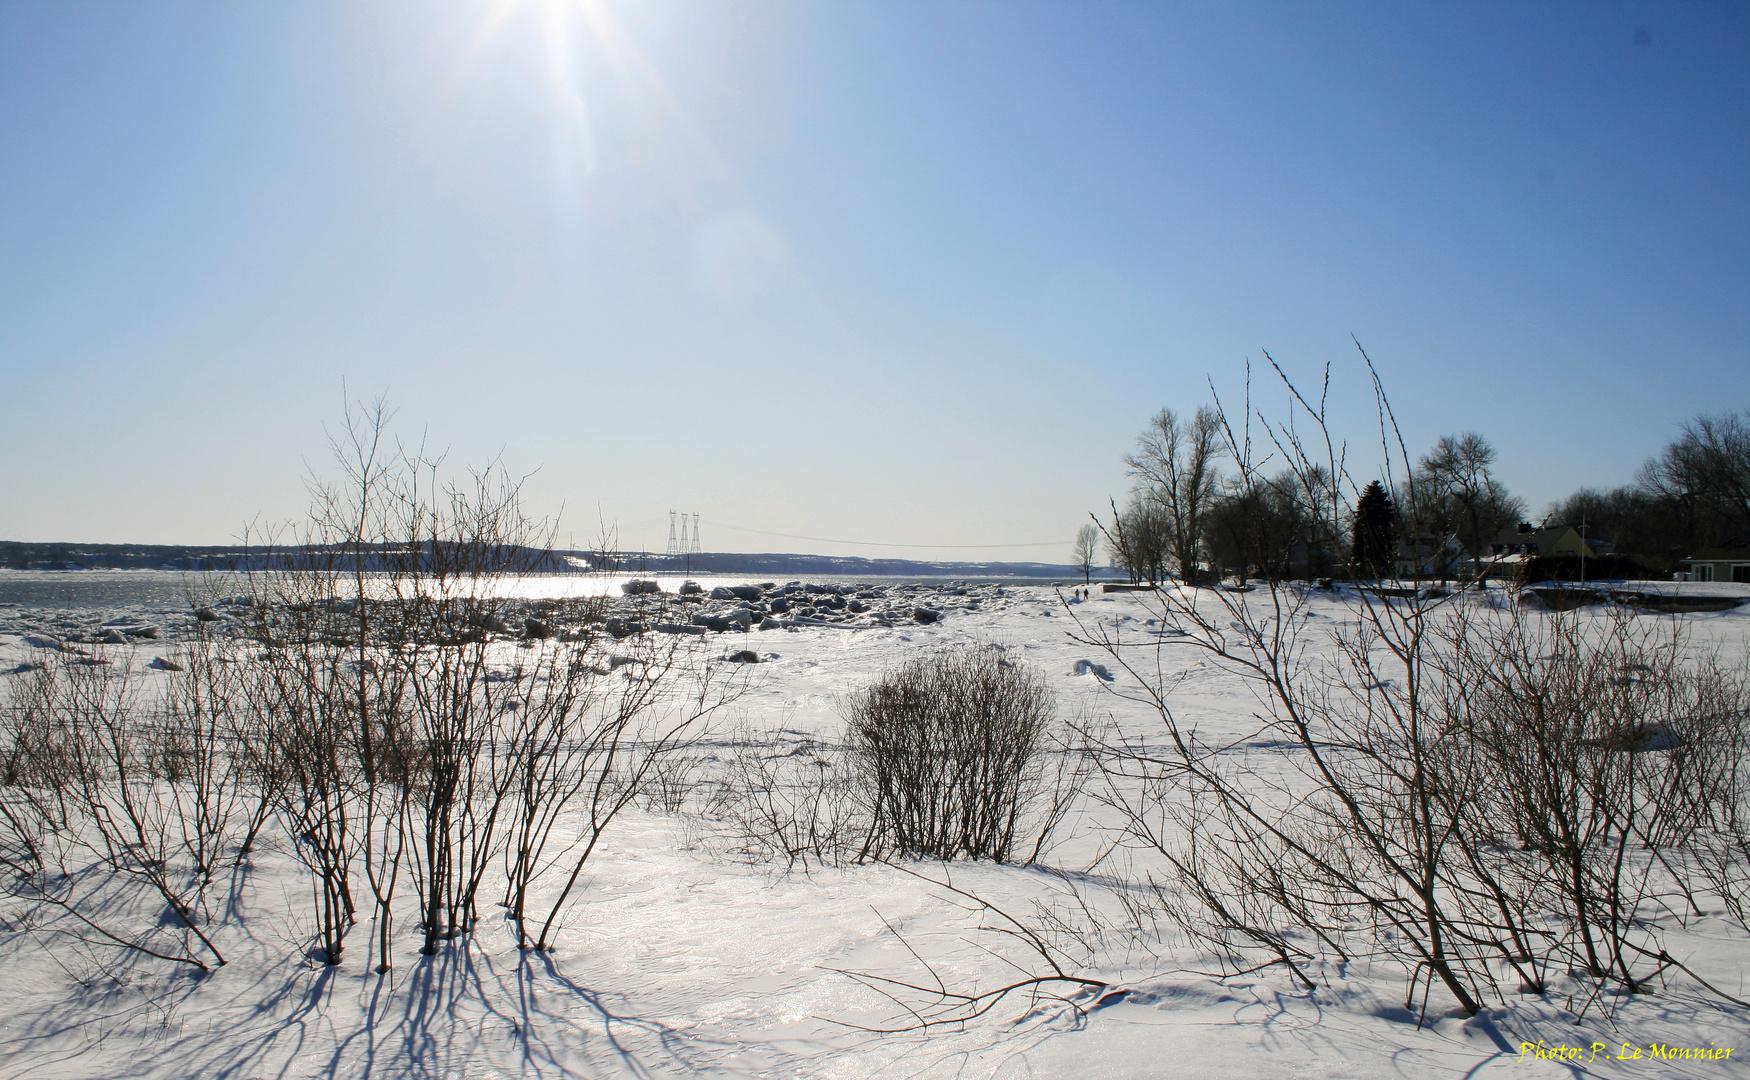 En mars, c'est l'hiver...